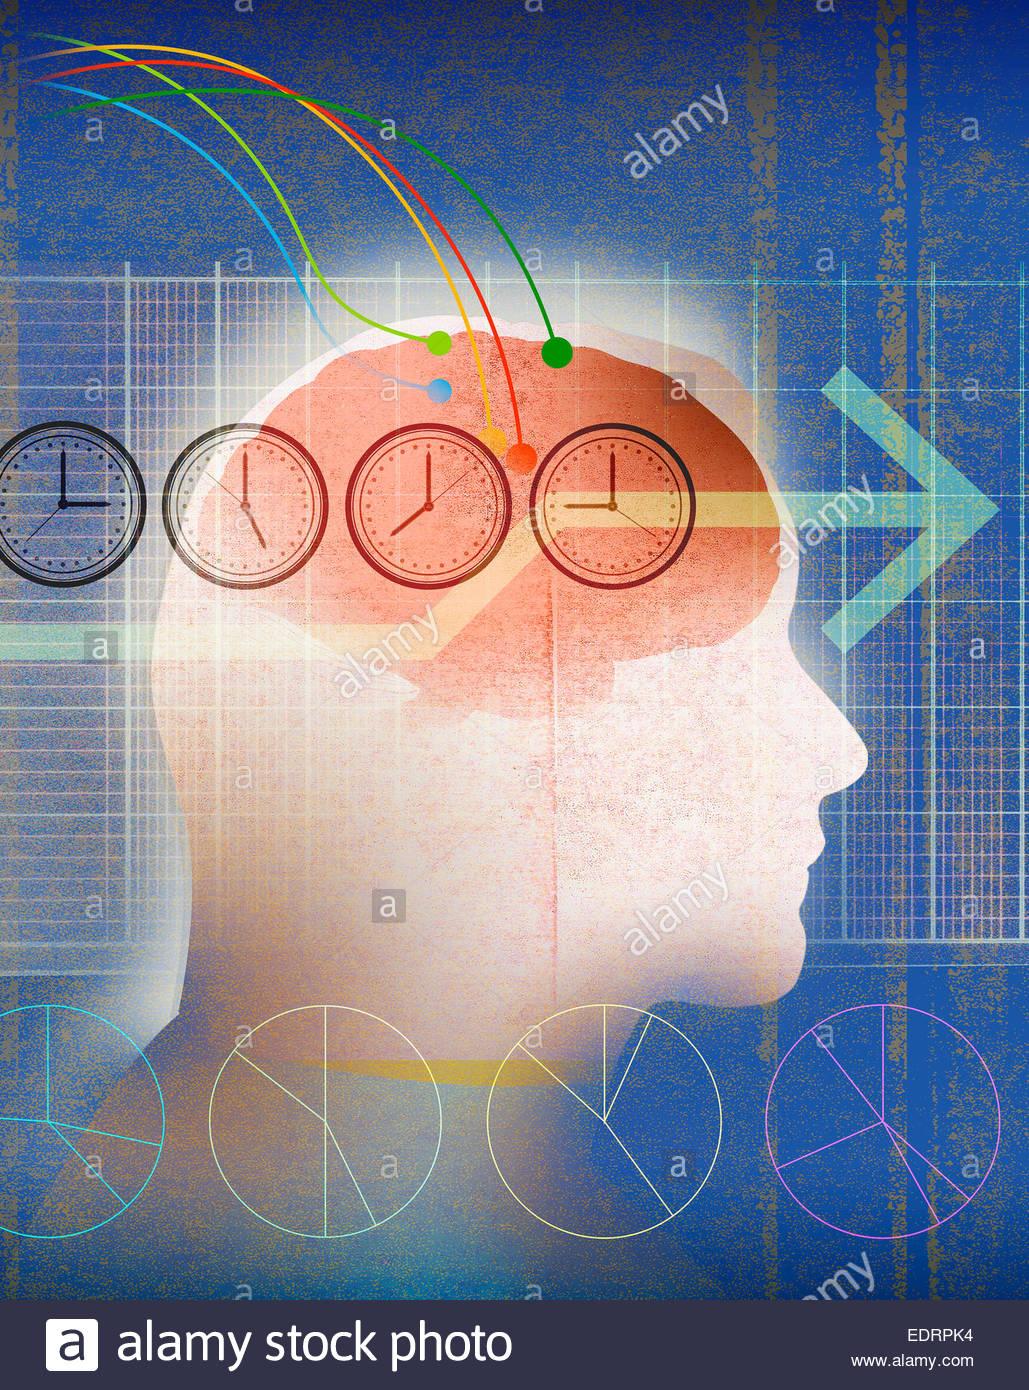 La planification d'affaires avec des connexions cérébrales abstraites à des graphiques et des Photo Stock